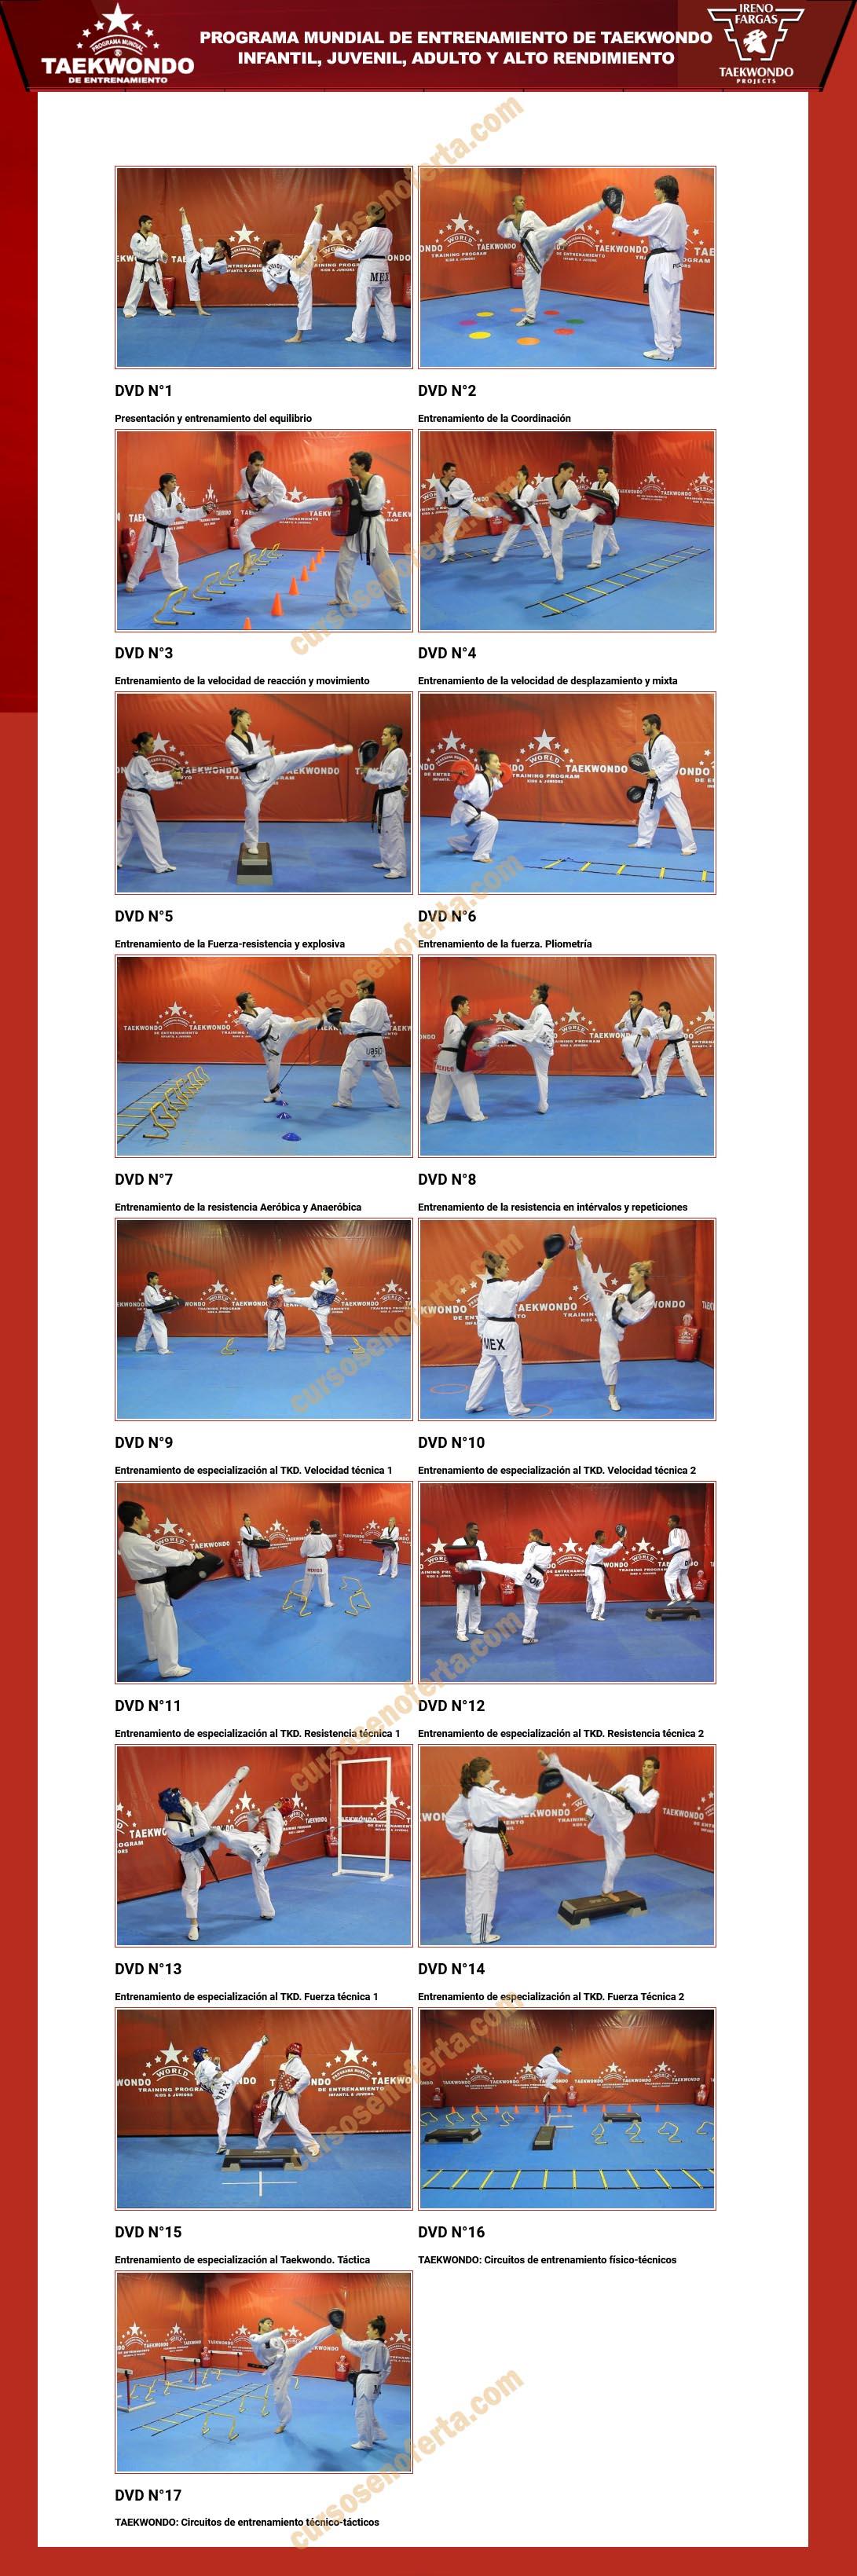 programa mundial taekwondo